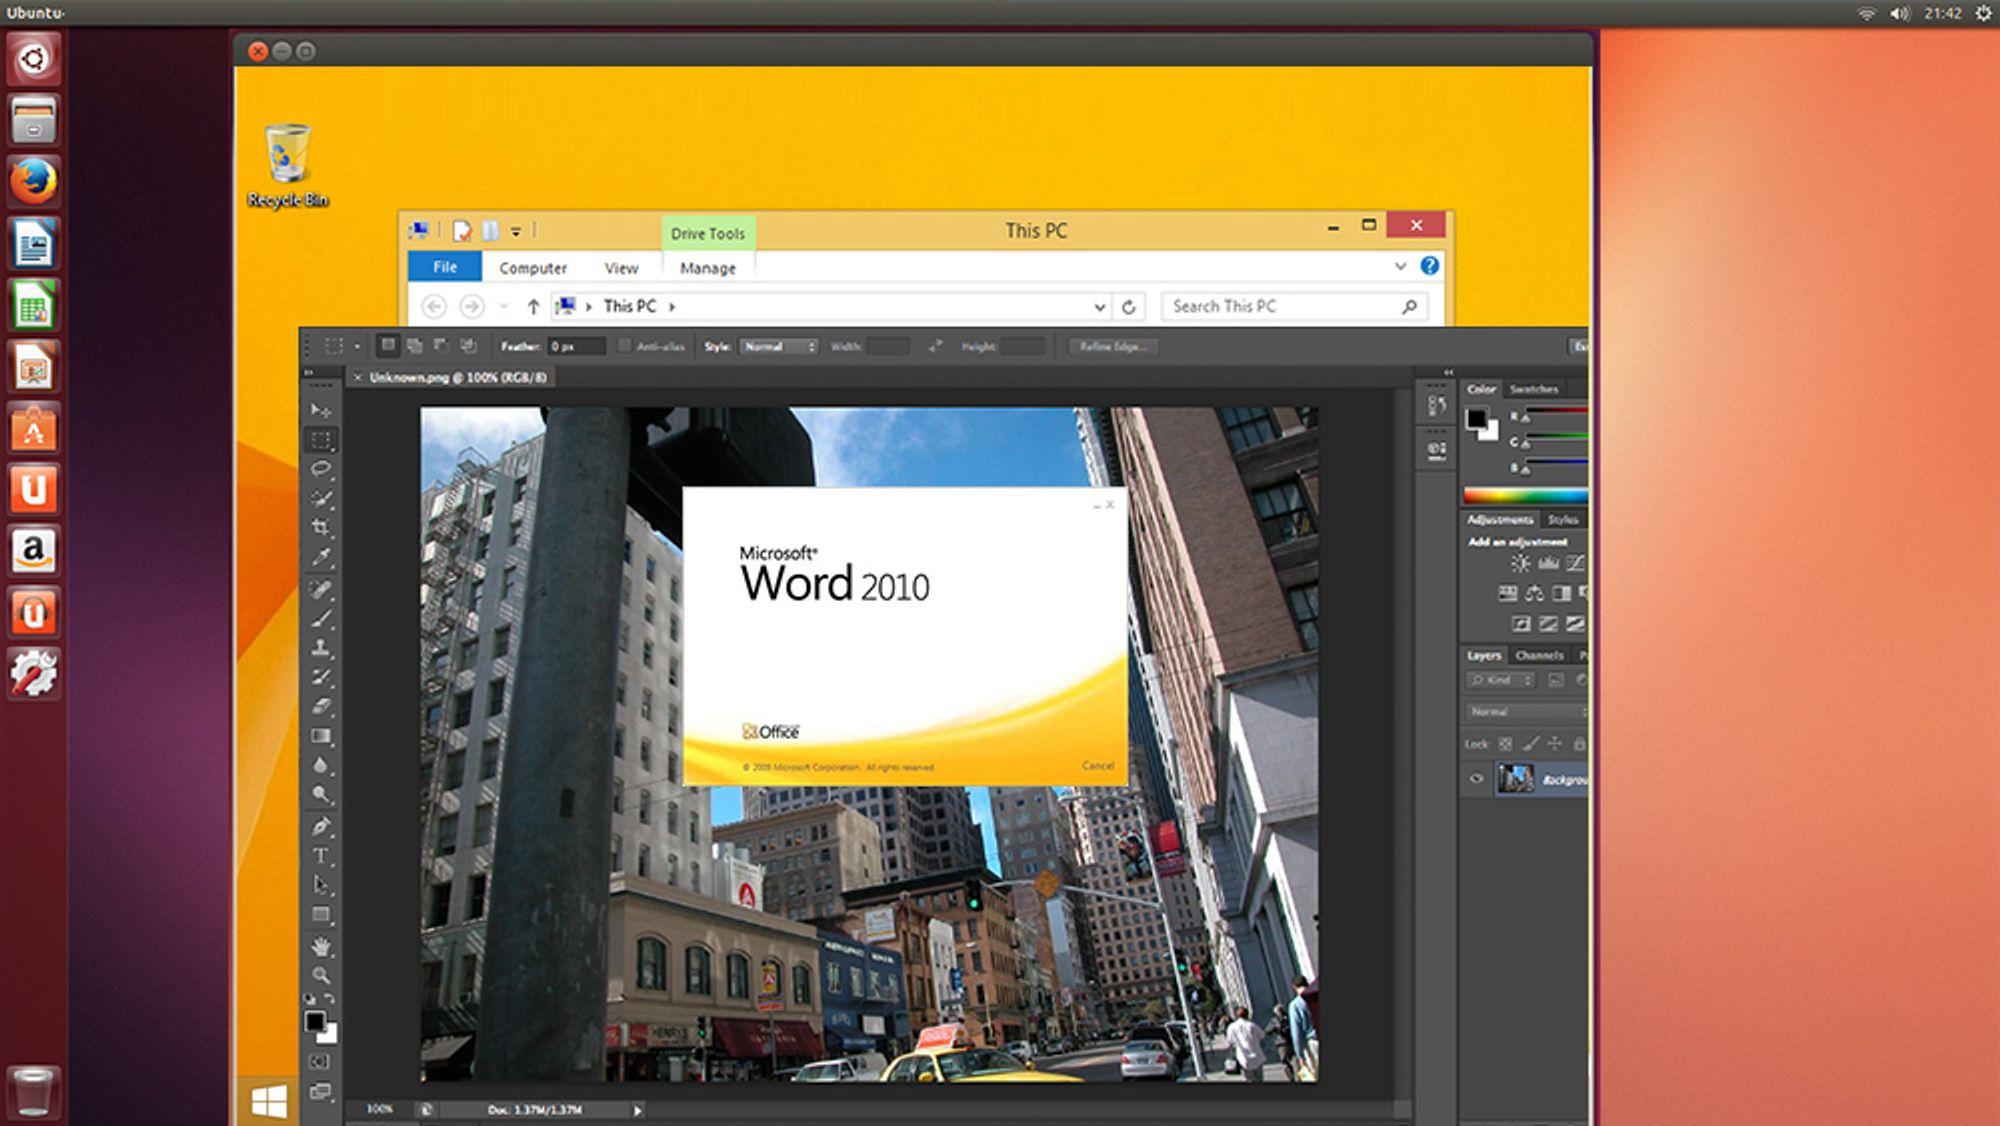 GUIDE: Slik får du brukt Windows-programmer i Linux